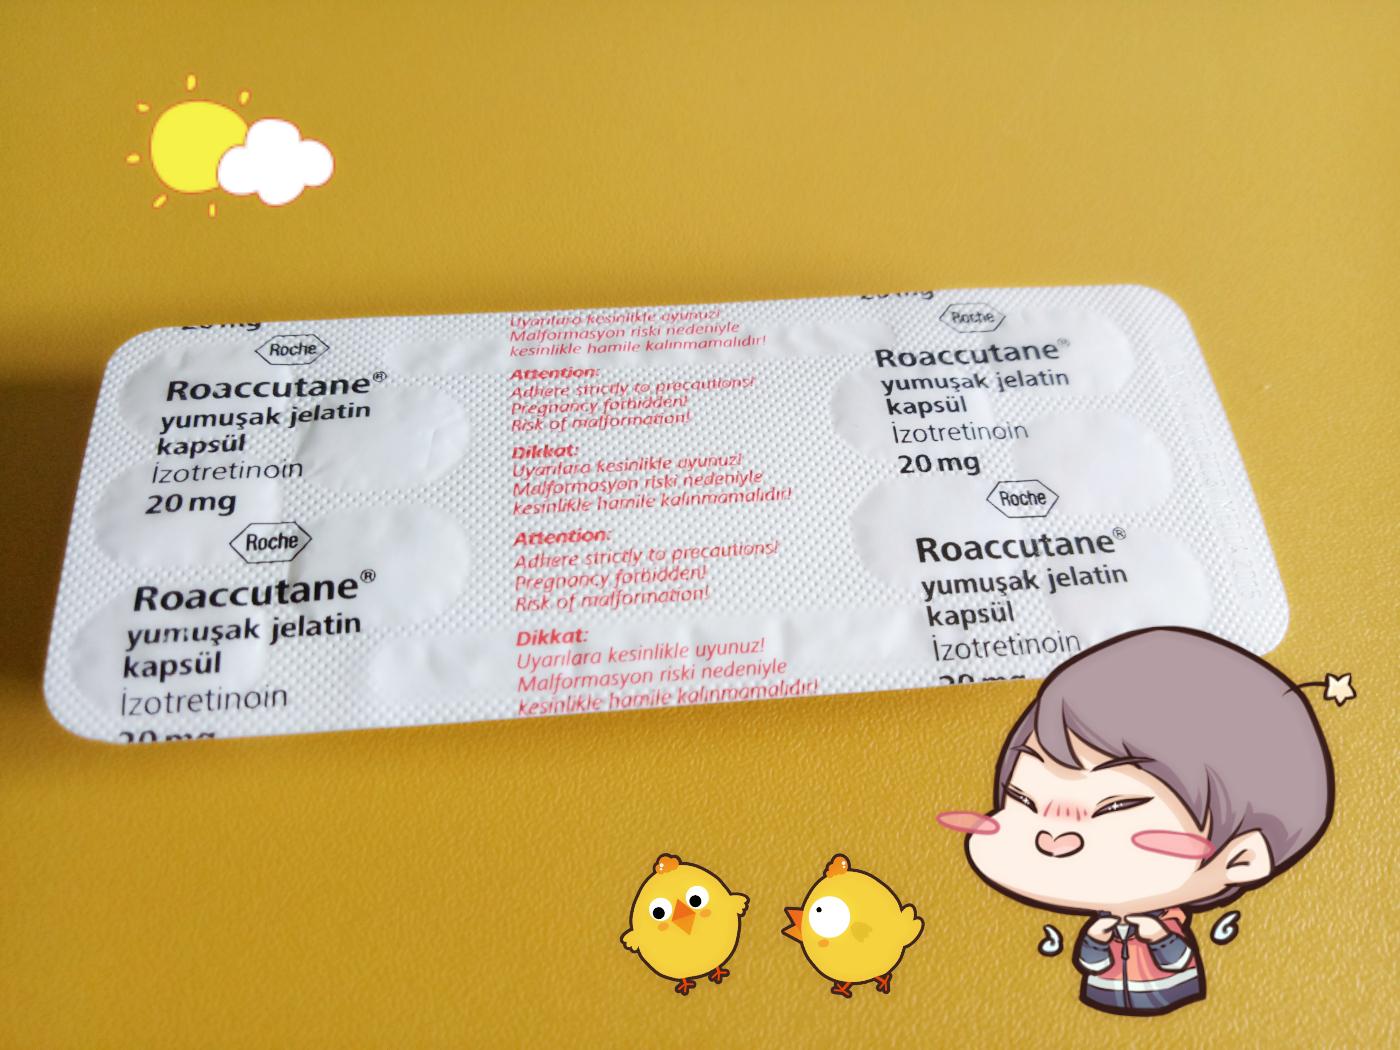 Roaccutane Mengobati Jerawat Parah 20 Mg Spec Dan Daftar Harga Obat Roakutane 10mg Rokutan Roakutan Roac Cutane